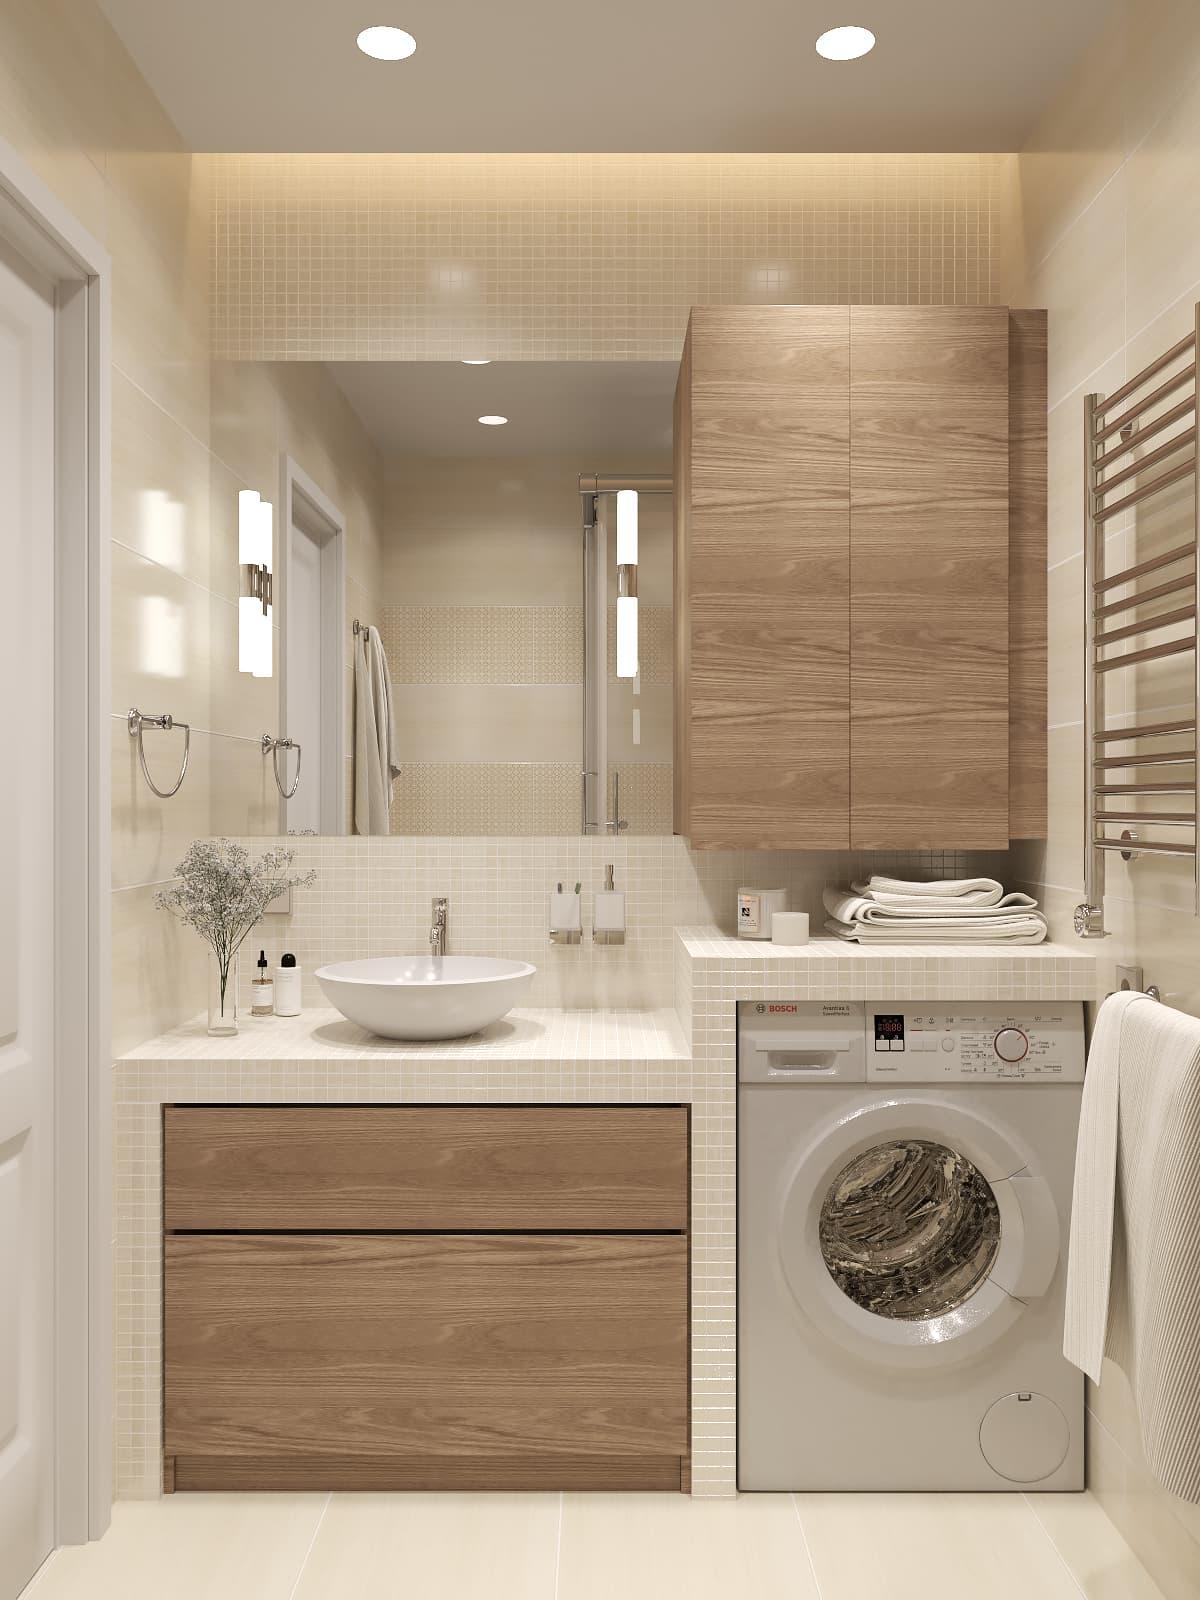 Способы модернизировать вашу ванную комнату фото 5